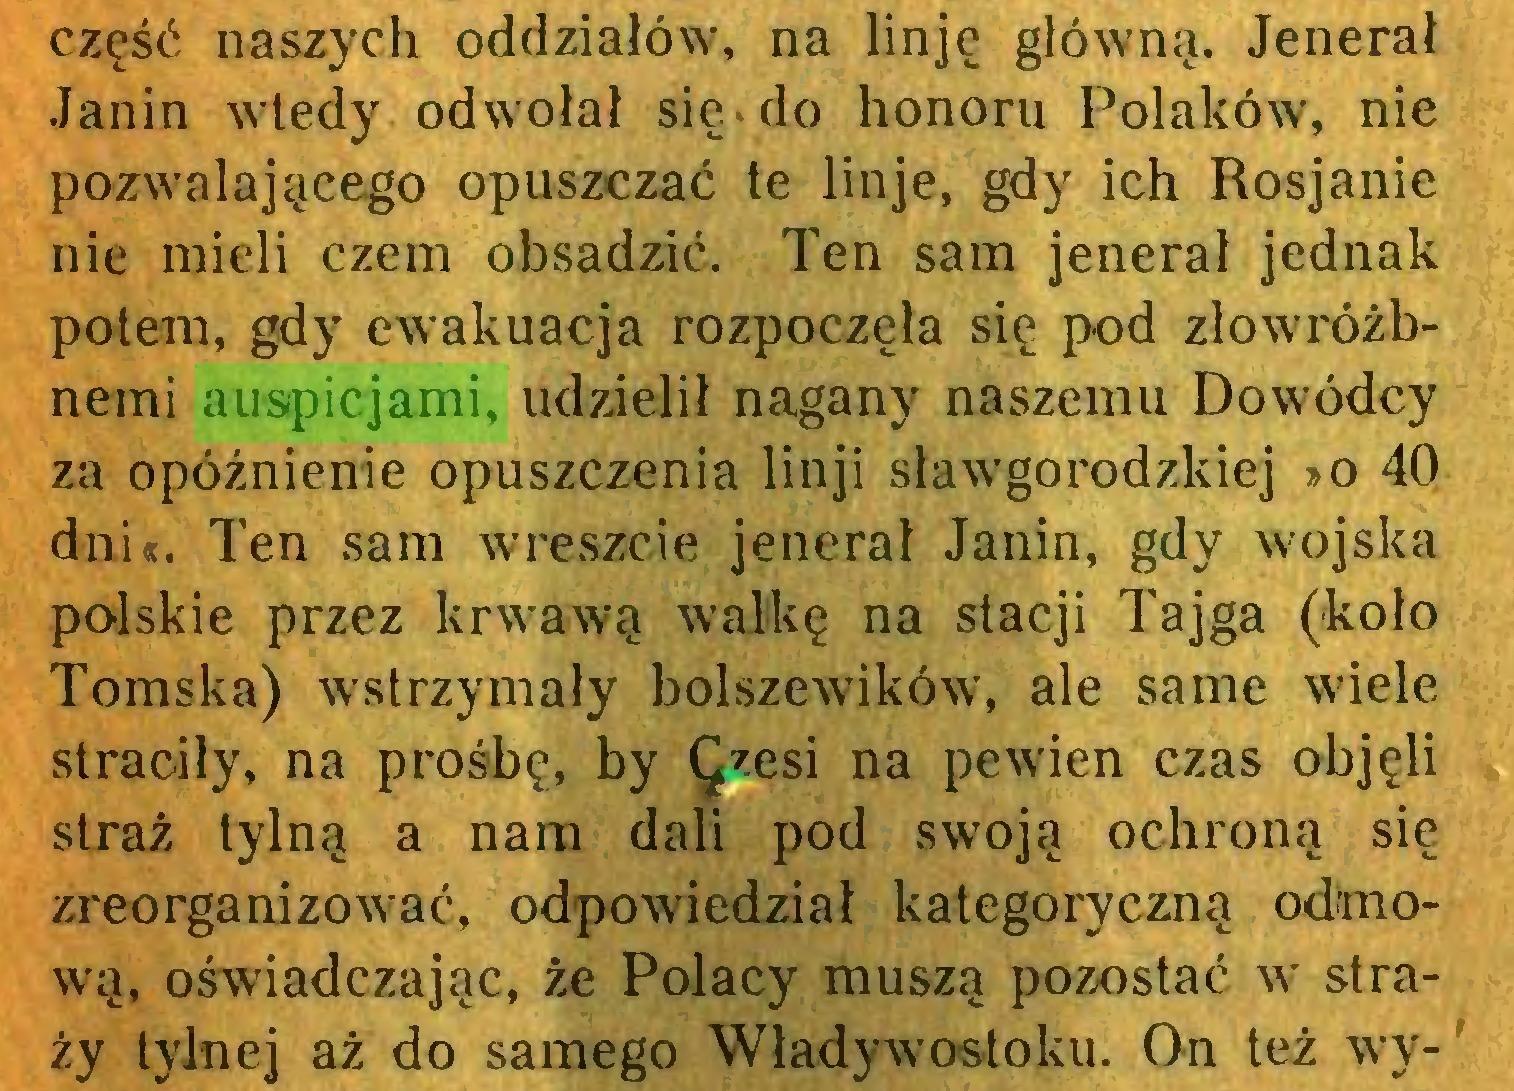 (...) część naszych oddziałów, na linję główną. Jenerał Janin wtedy odwołał sie^do honoru Polaków, nie pozwalającego opuszczać te linje, gdy ich Rosjanie nie mieli czem obsadzić. Ten sam jenerał jednak potem, gdy ewakuacja rozpoczęła się pod zlowróżbnemi auspicjami, udzielił nagany naszemu Dowódcy za opóźnienie opuszczenia linji sławgorodzkiej »o 40 dni«. Ten sam wreszcie jenerał Janin, gdy wojska polskie przez krwawą walkę na stacji Tajga (koło Tomska) wstrzymały bolszewików, ale same wiele straciły, na prośbę, by Qzesi na pewien czas objęli straż tylną a nam dali pod swoją ochroną się zreorganizować, odpowiedział kategoryczną odmową, oświadczając, że Polacy muszą pozostać w straży tylnej aż do samego Władywostoku. On też wy-'...